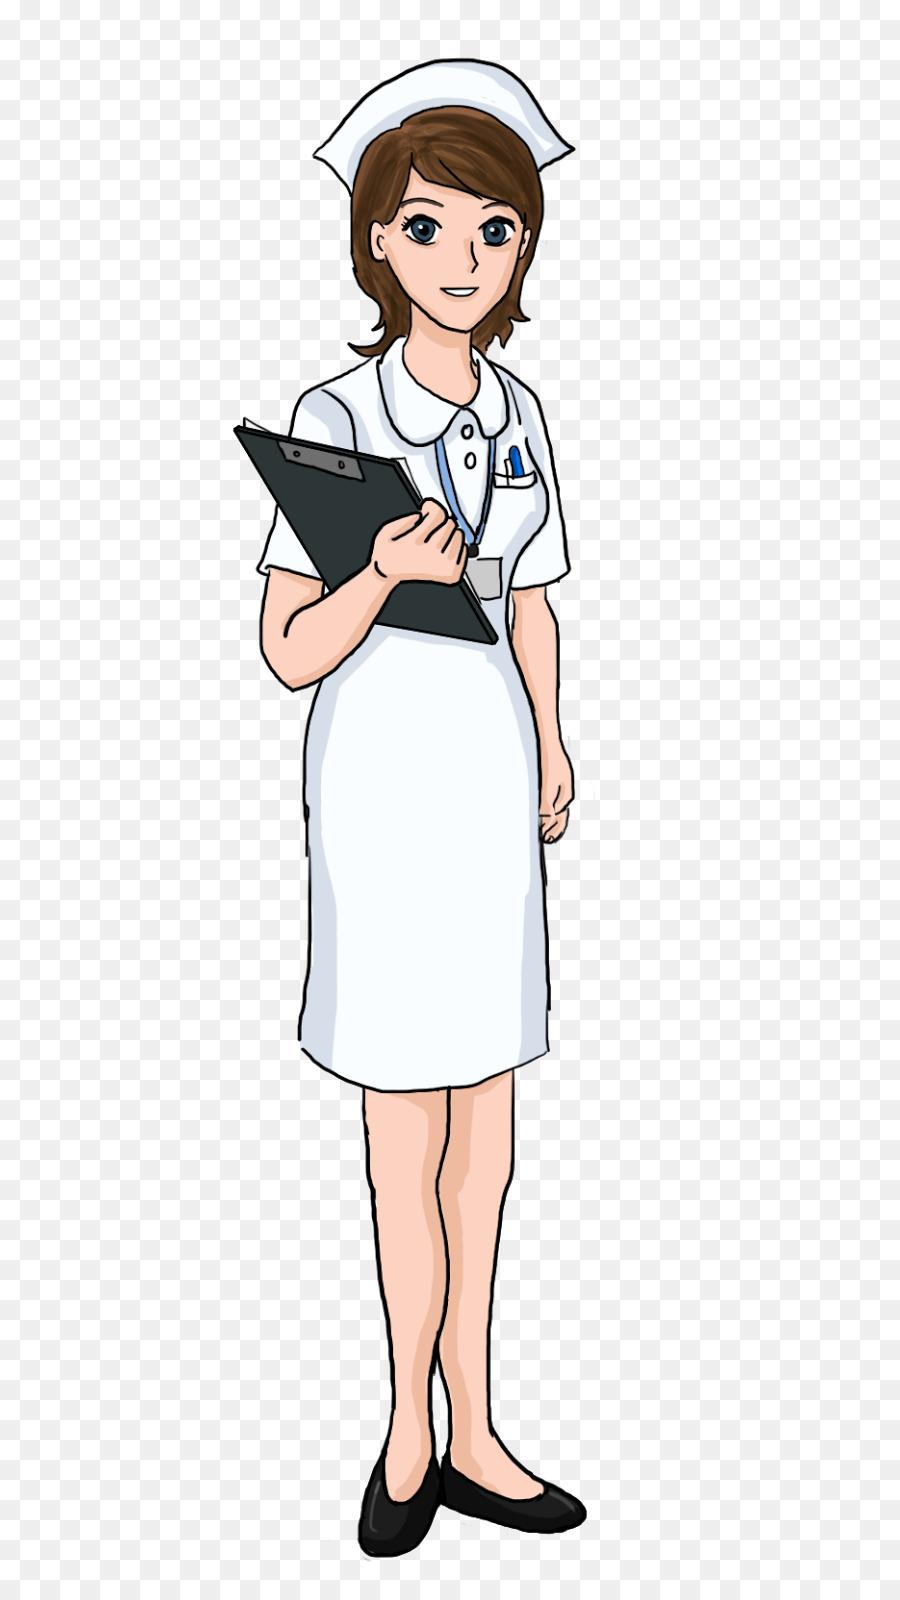 Nursing Registered nurse Clip art - fisherman png download ...